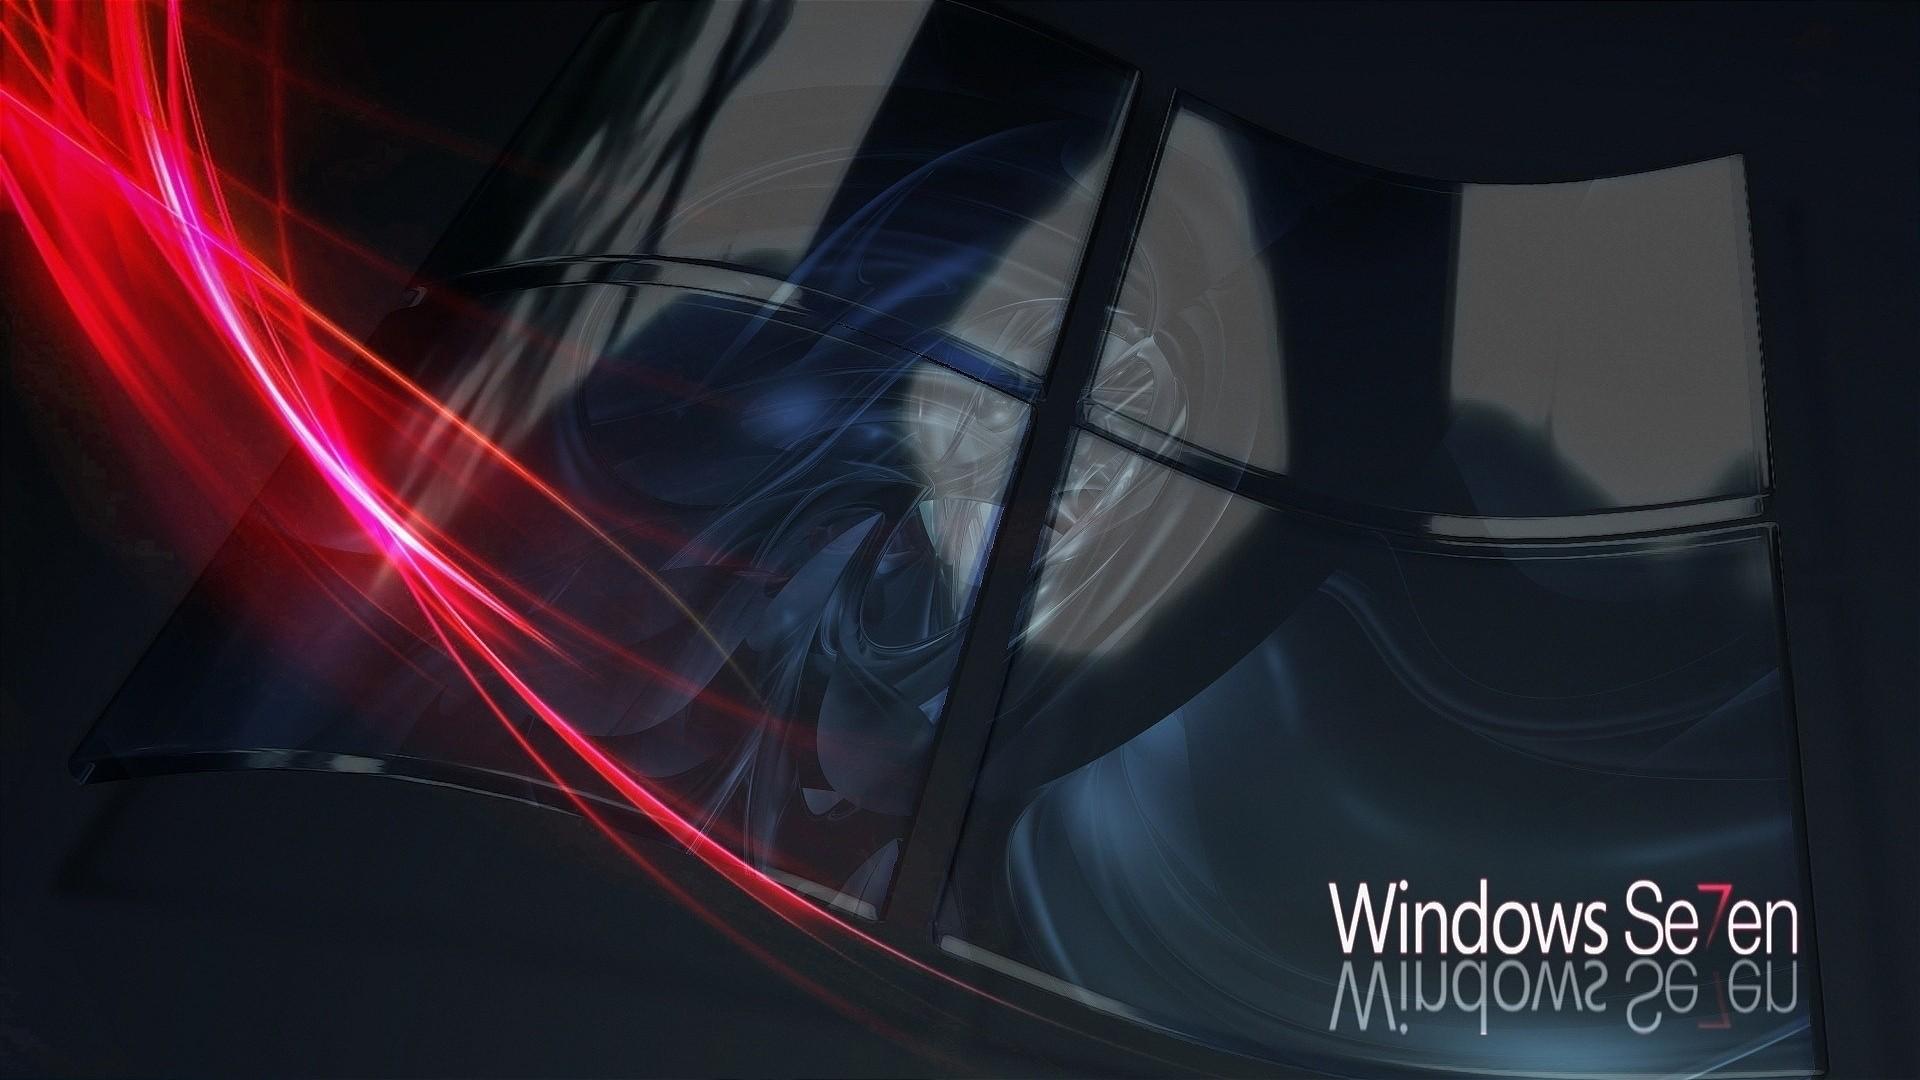 Fondos De Pantalla Anime Textura Windows 7 Oscuridad